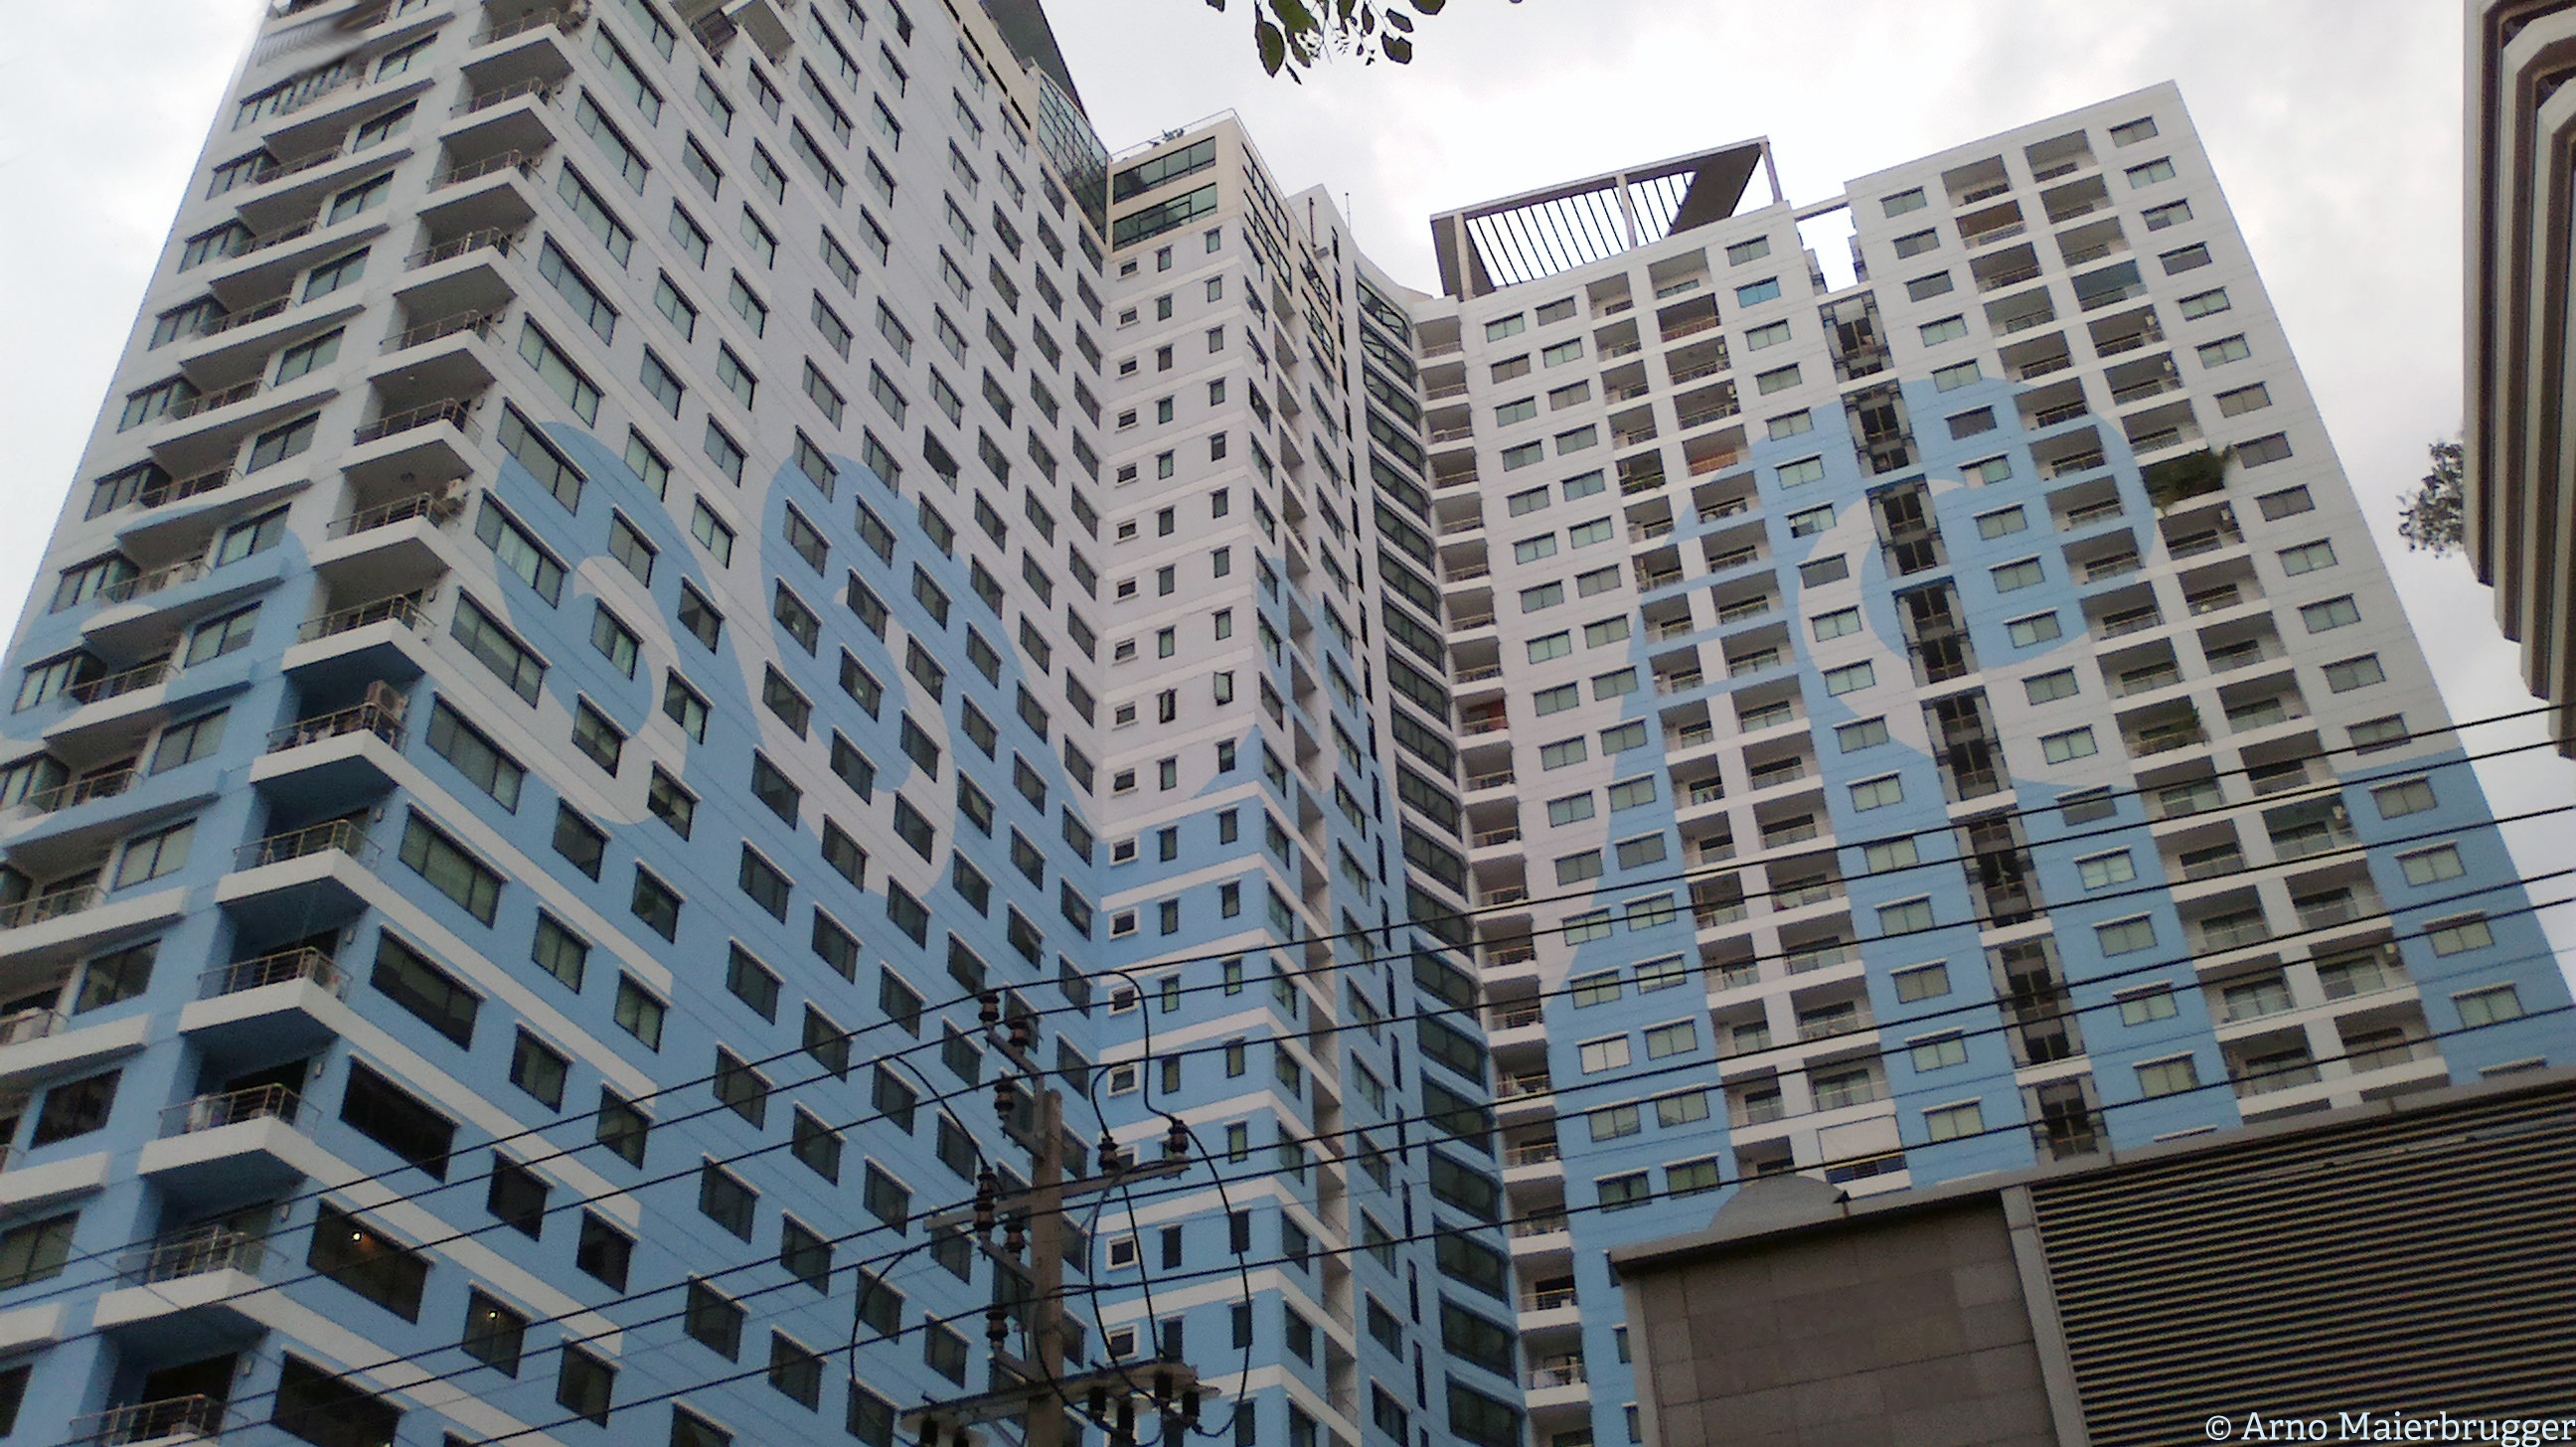 Thai developer expands to Manila